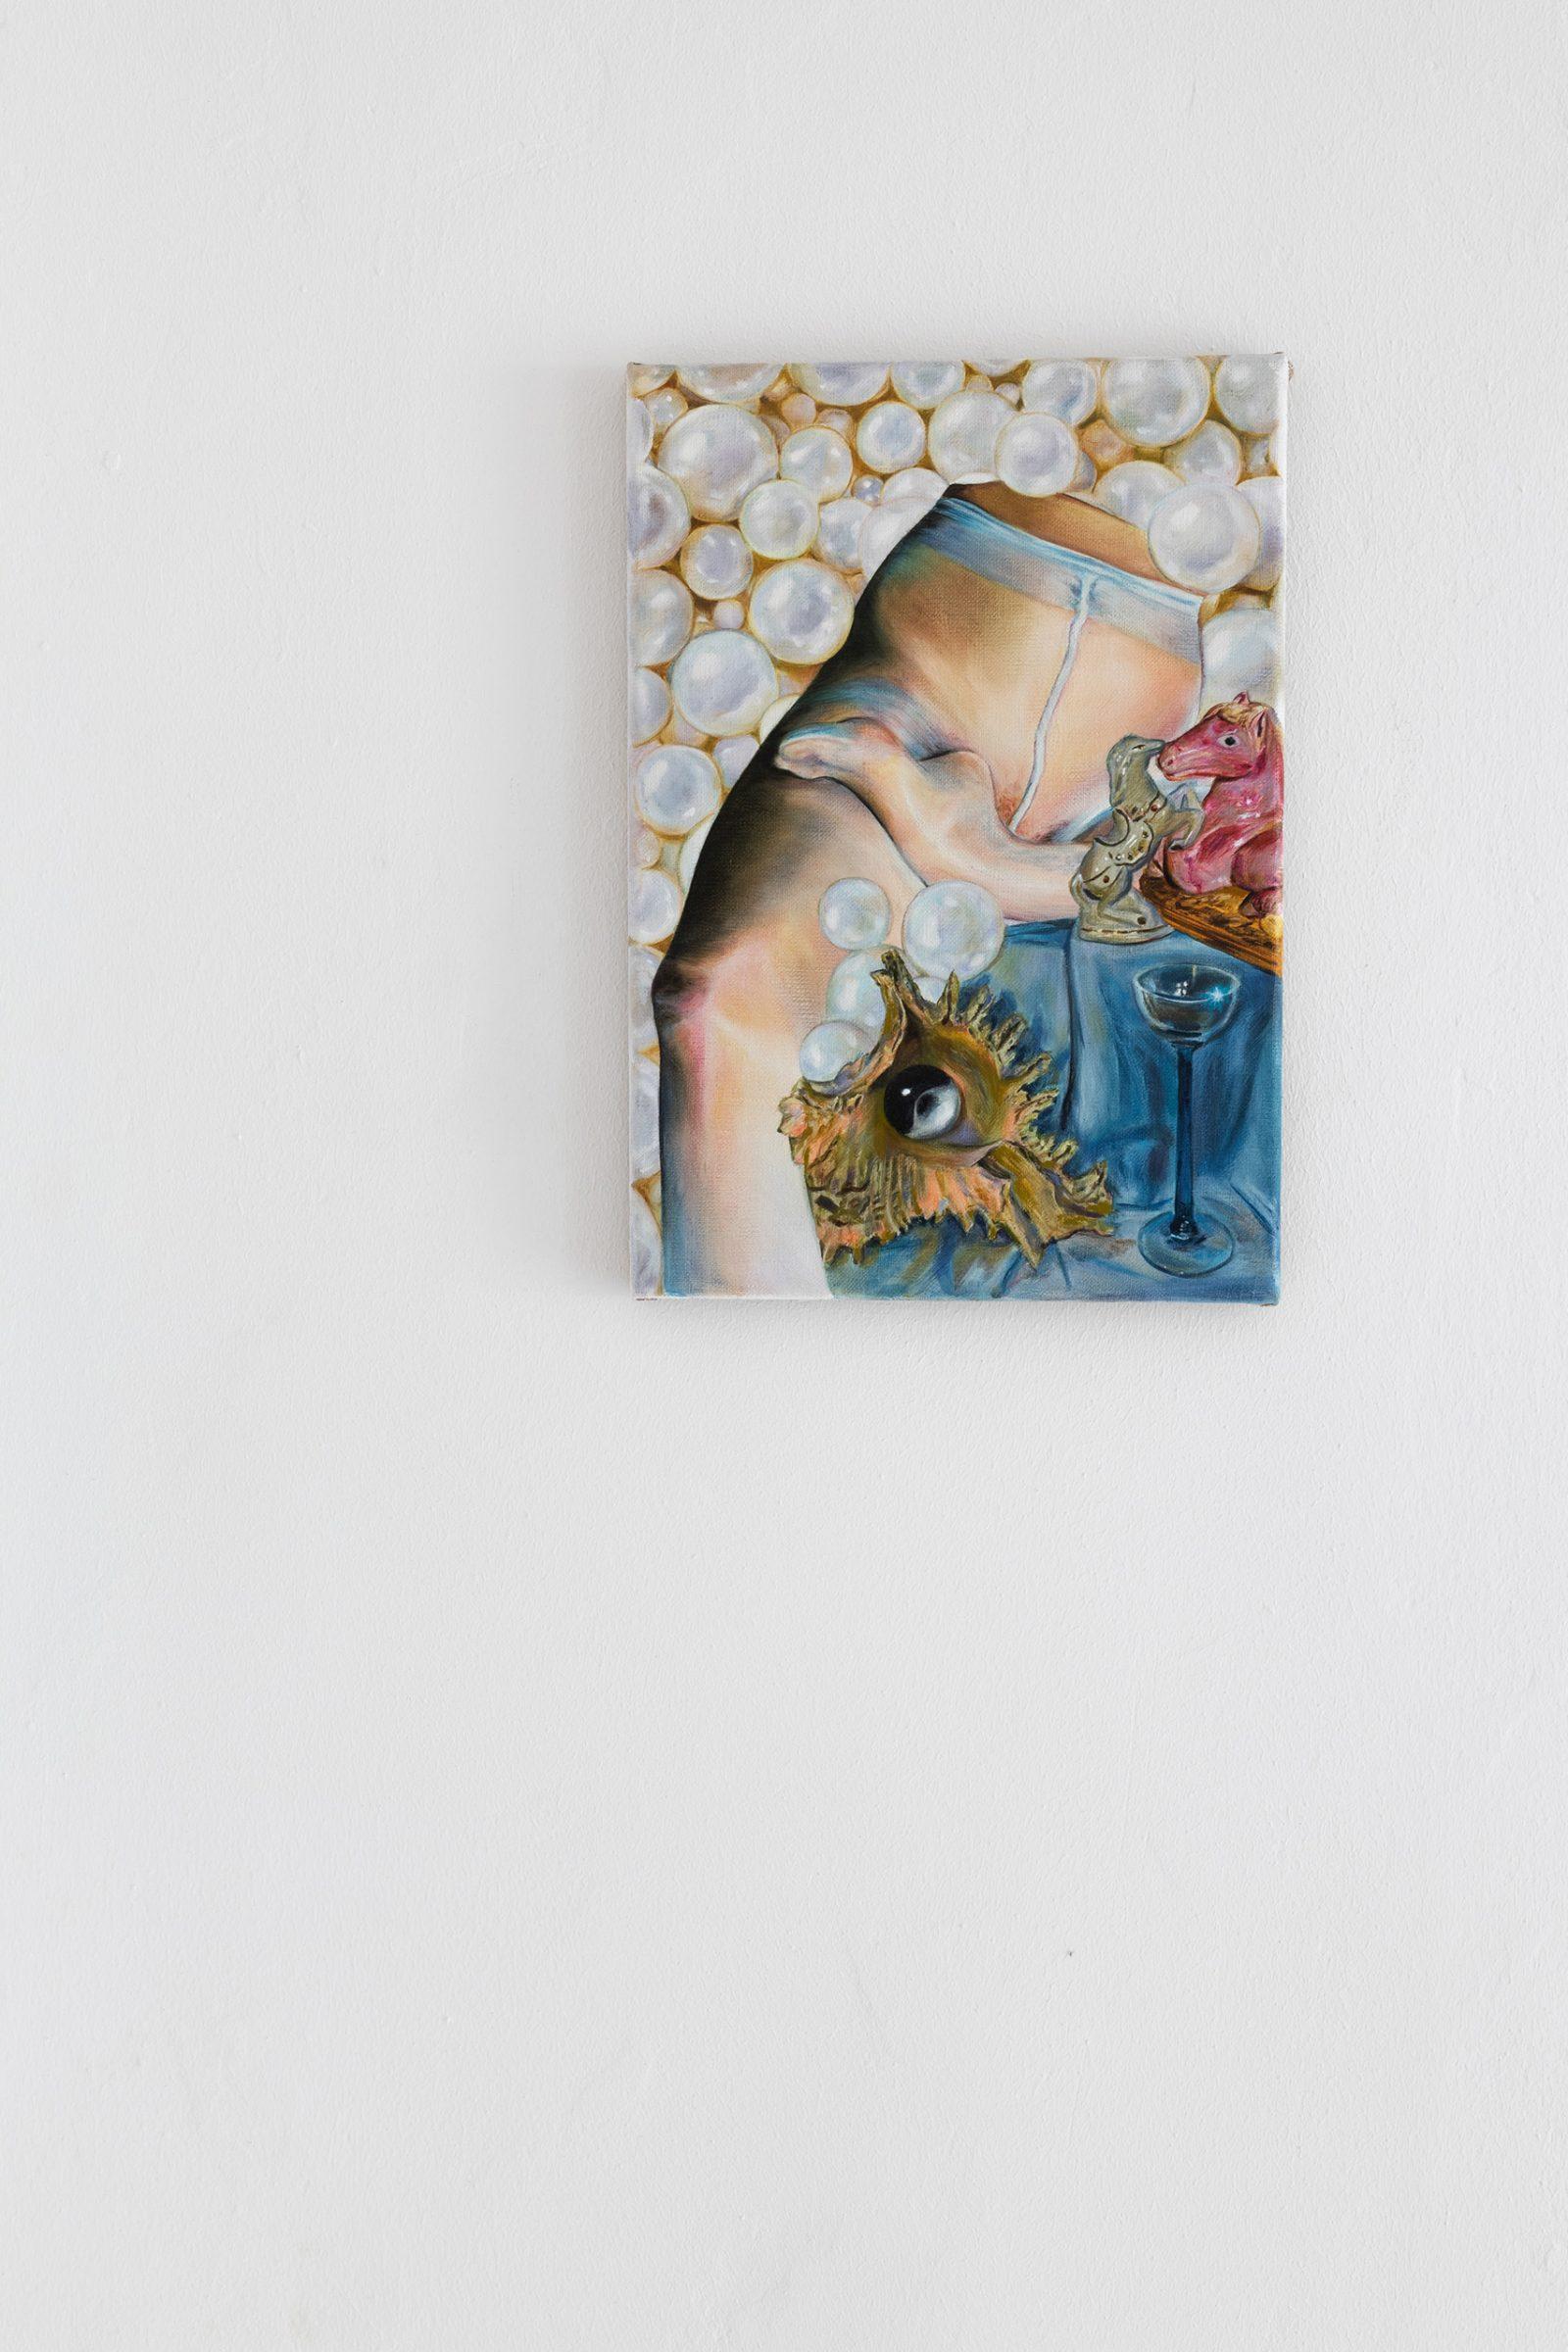 ↑ Martyna Borowiecka, <br> <em>Salon odnowy magicznej</em> – widok wystawy, 2021, <br>Galeria Widna